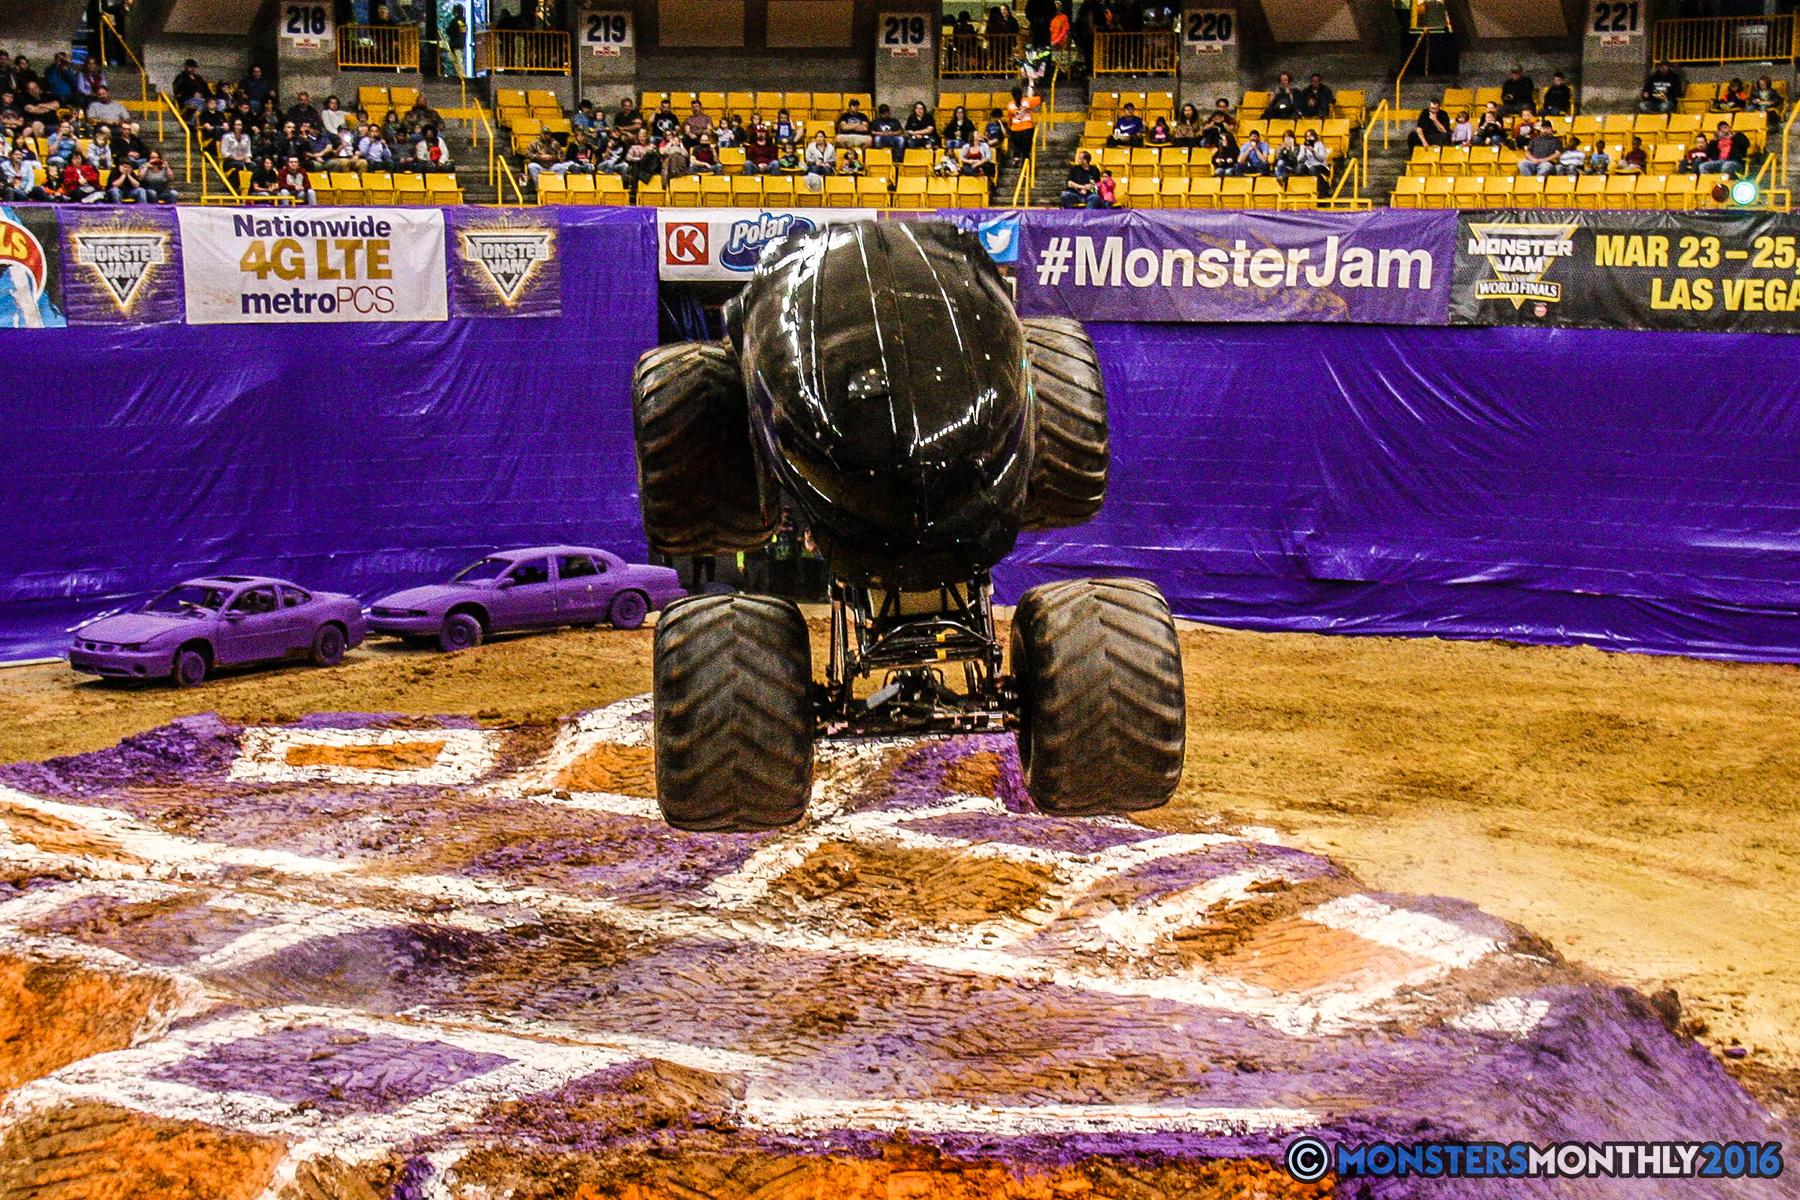 16-monster-jam-utc-mckenzie-arena-chattanooga-tennessee-monstersmonthly-monster-truck-race-gravedigger-monstermutt-xtermigator-razin-kane-doomsday-captainscurse-2016.jpg